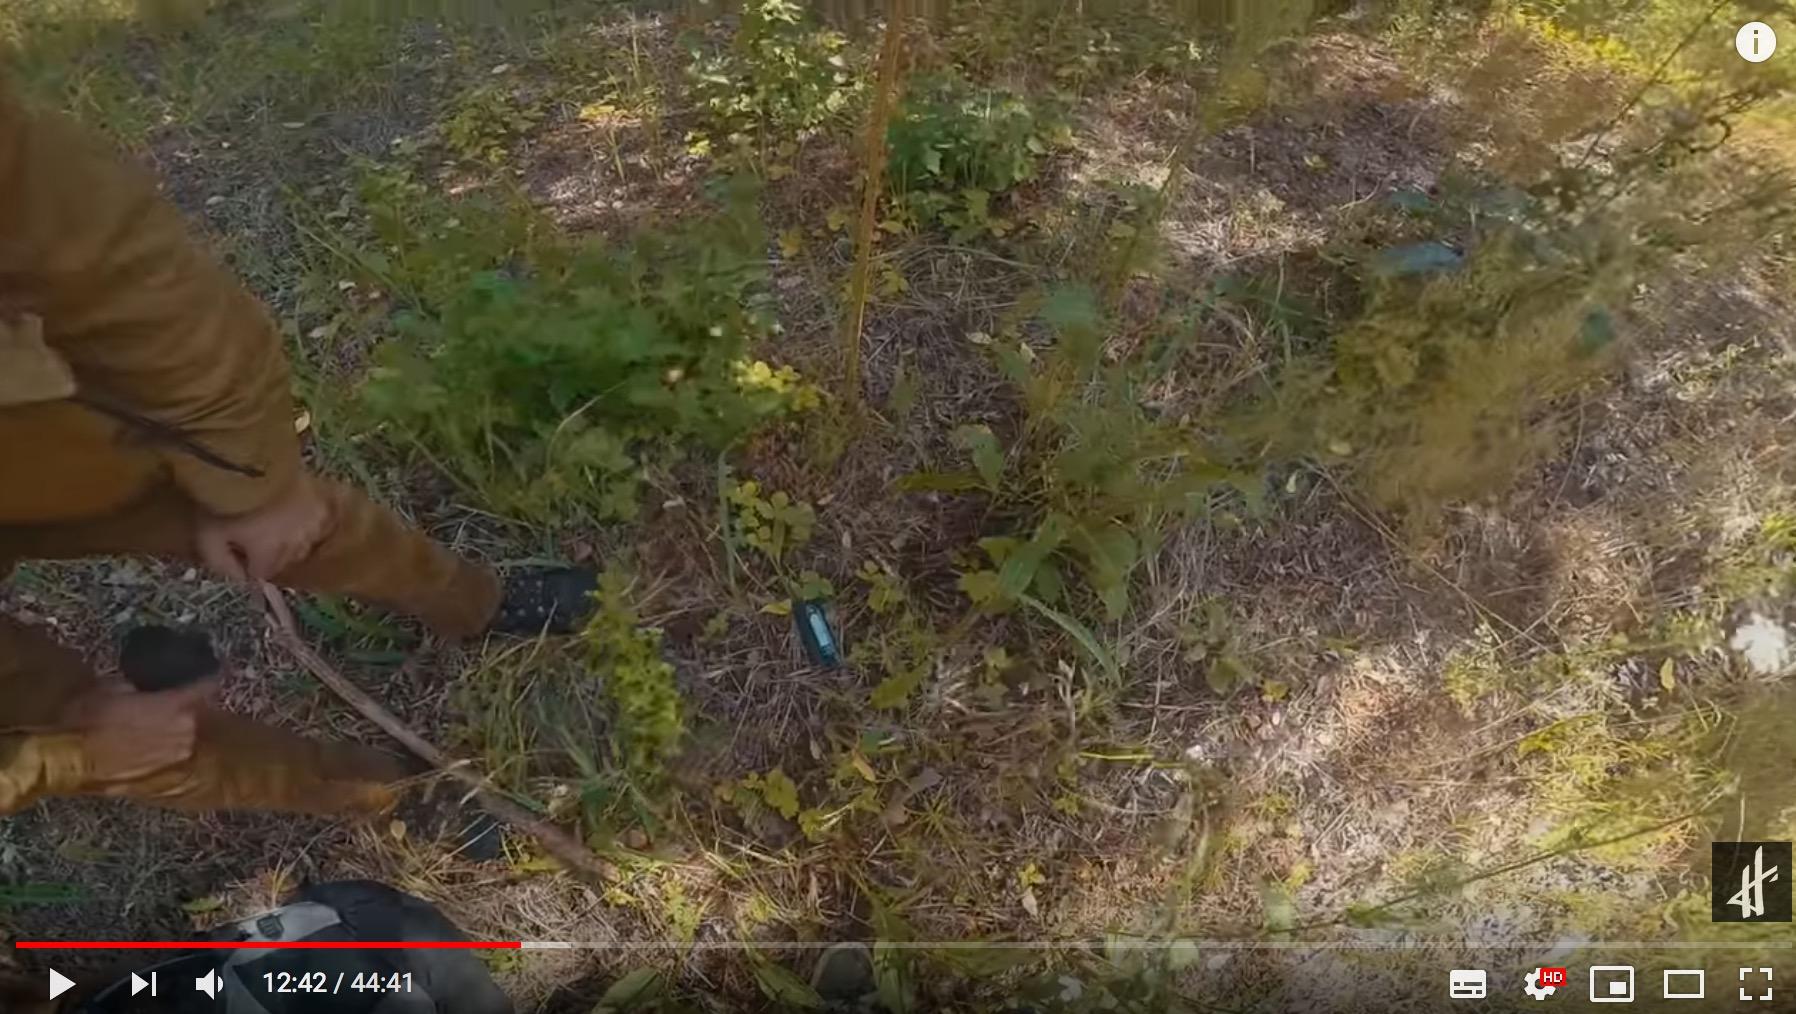 L'Urbex : Exploration Urbaine & review de terrain d'un petit EDC  Captu100